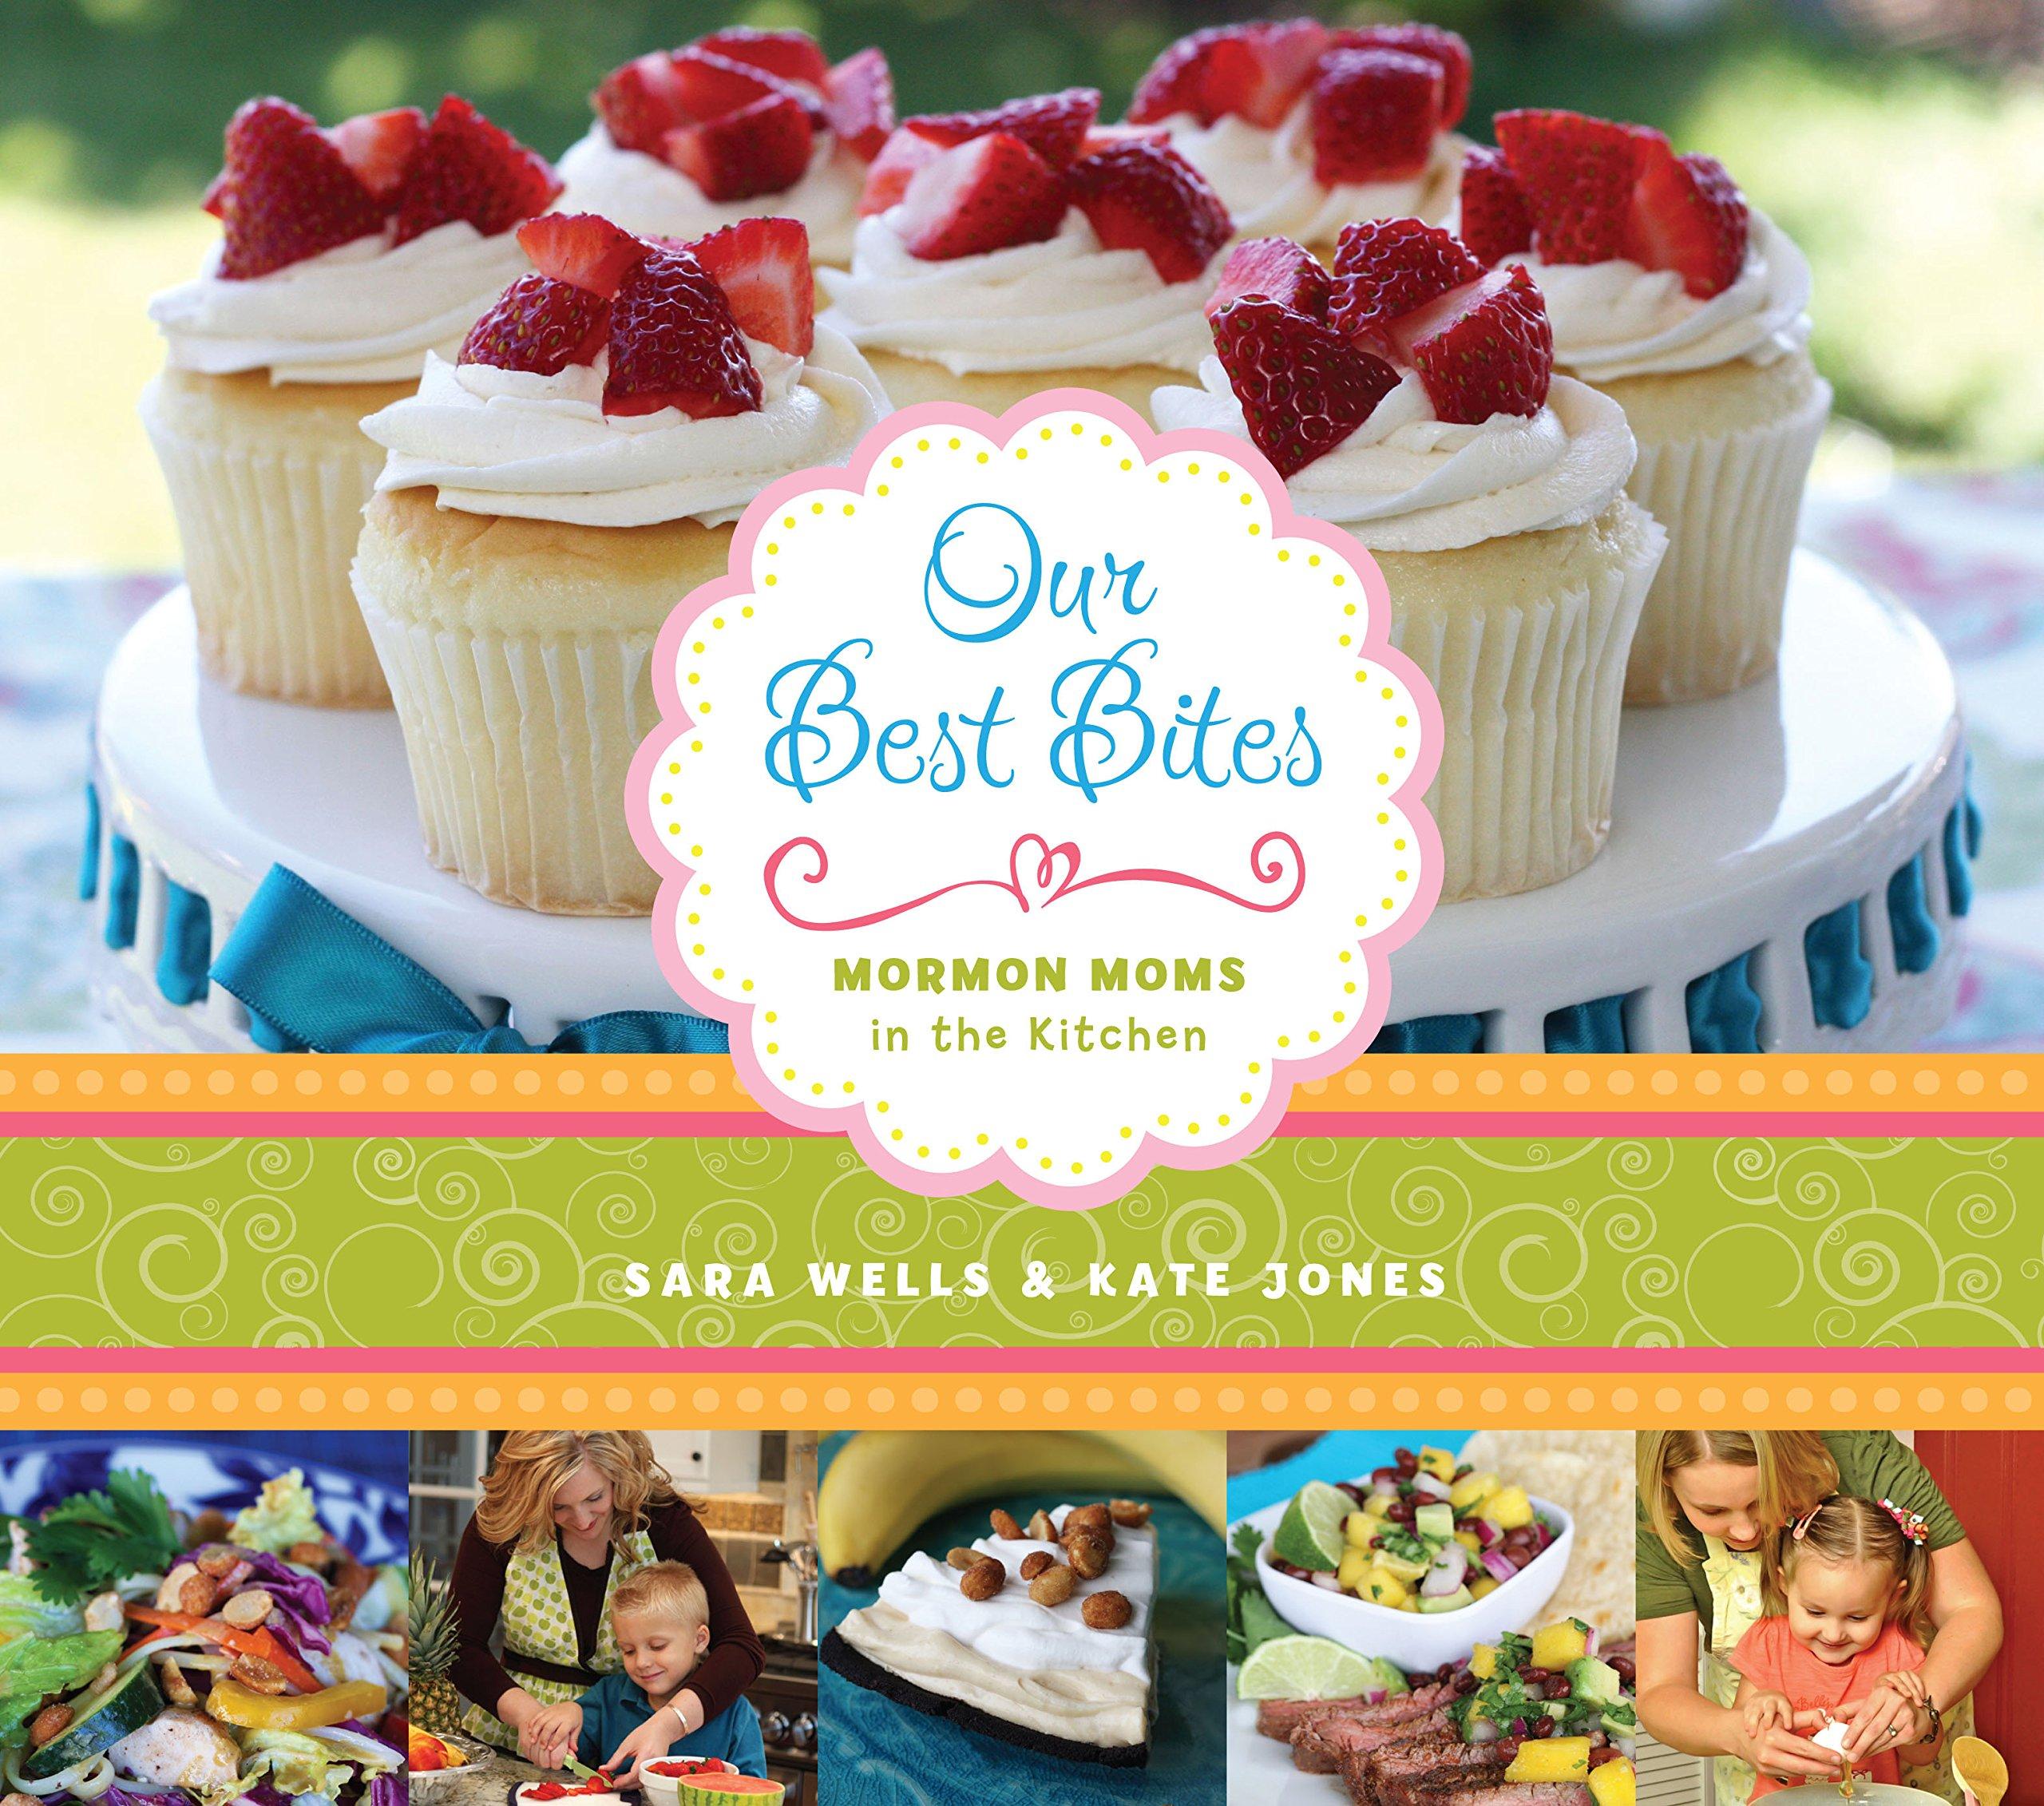 Resultado de imagen para our best bites recipe book